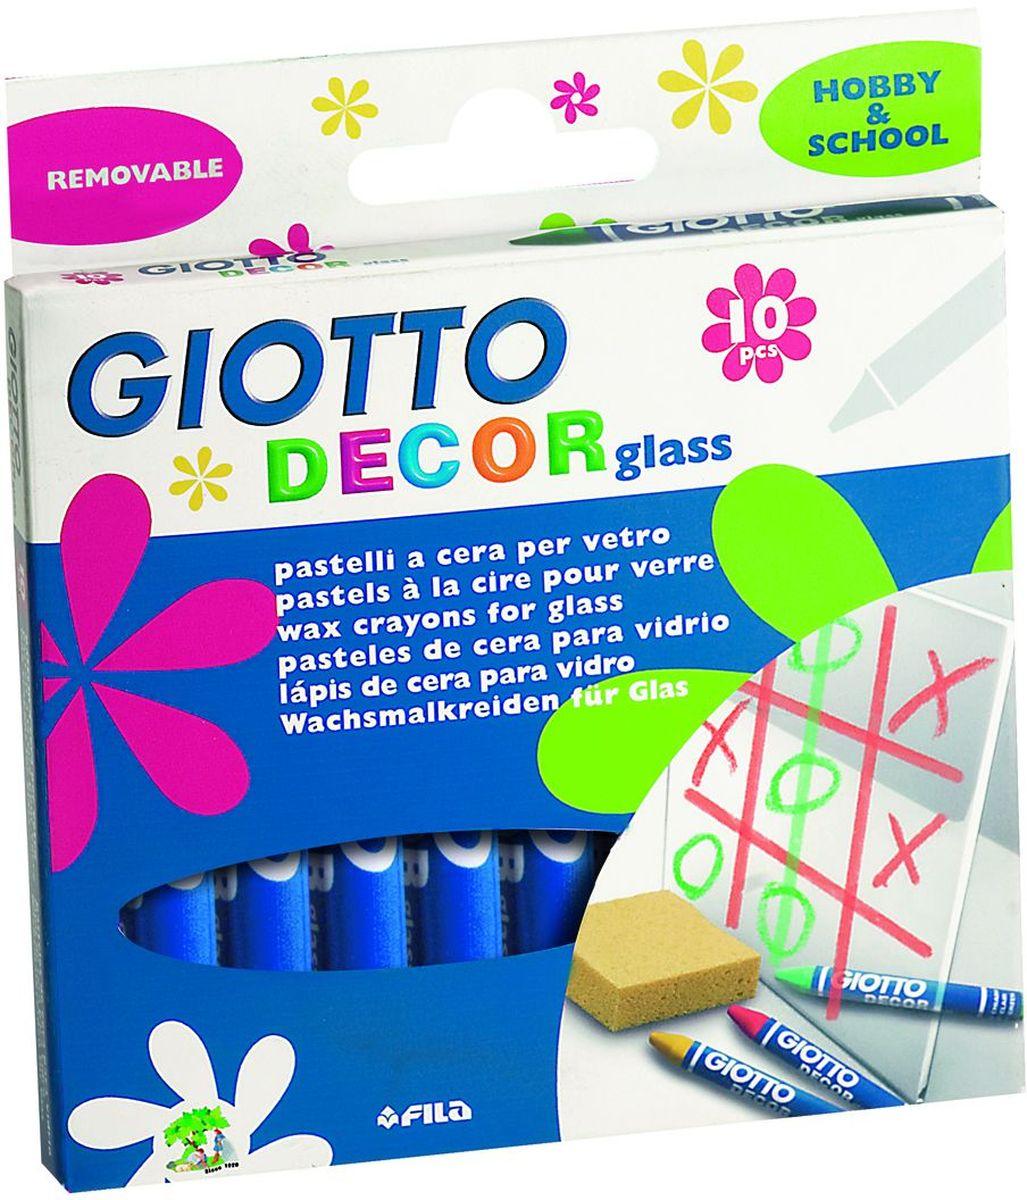 Набор восковых карандашей Giotto Decor Glass создан специально для декорирования стекол и зеркал. Карандаши идеальны для тематического оформления к празднику, а также для хобби и игр. Все цвета легко стираются тряпкой, даже если они были нанесены долгое время назад.Легко отстирываются от одежды и отмываются от рук. В наборе 10 восковых карандашей. Каждый мелок упакован в индивидуальную бумажную рубашку. Длина - 90 мм, диаметр 9,5 мм.